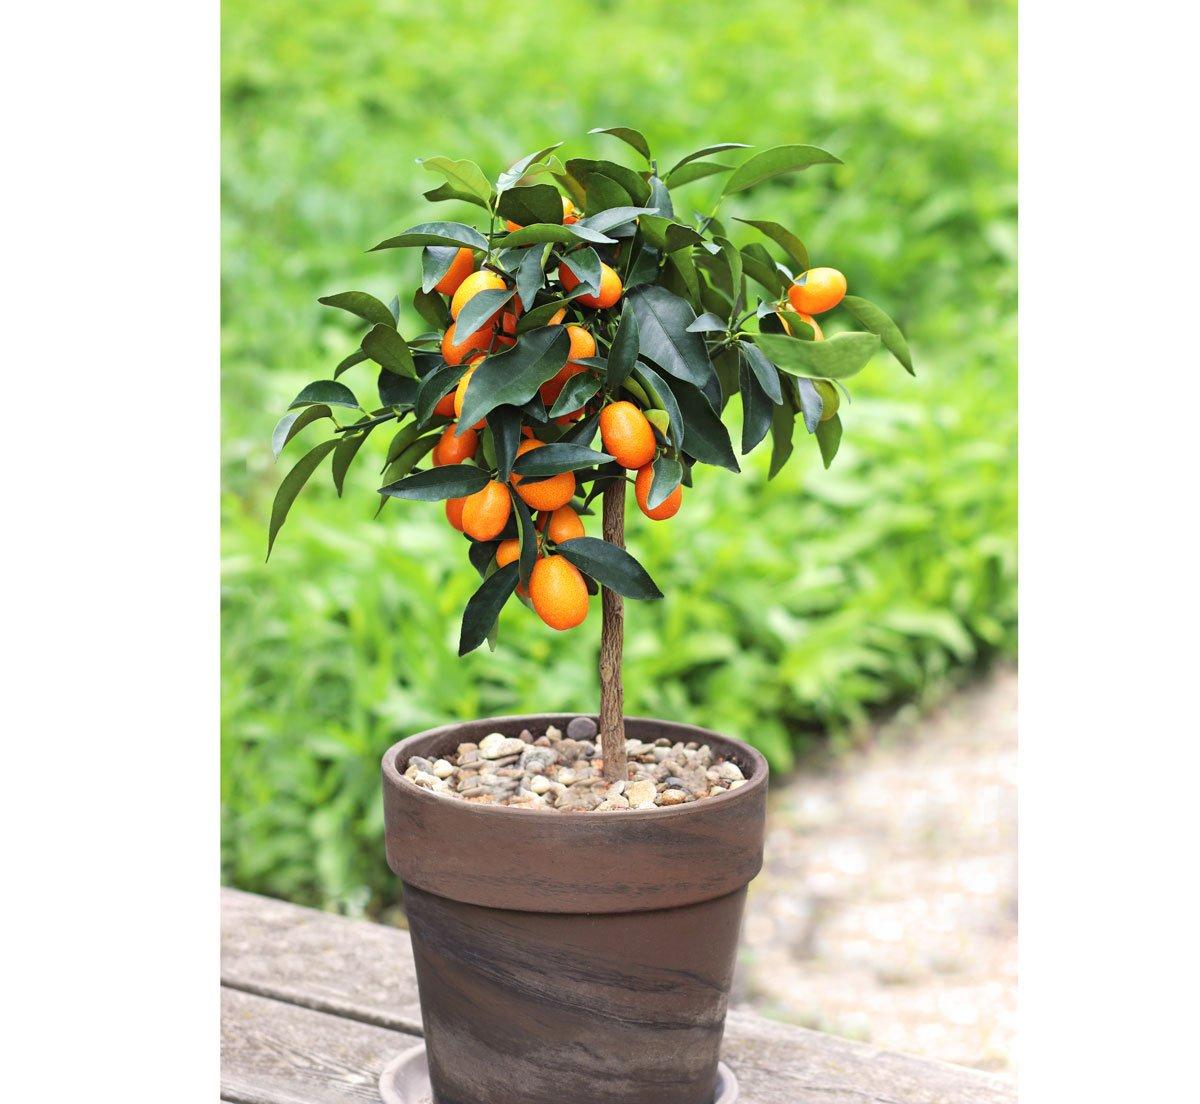 Jak pěstovat kumkvat: strom kumkvatu s plody